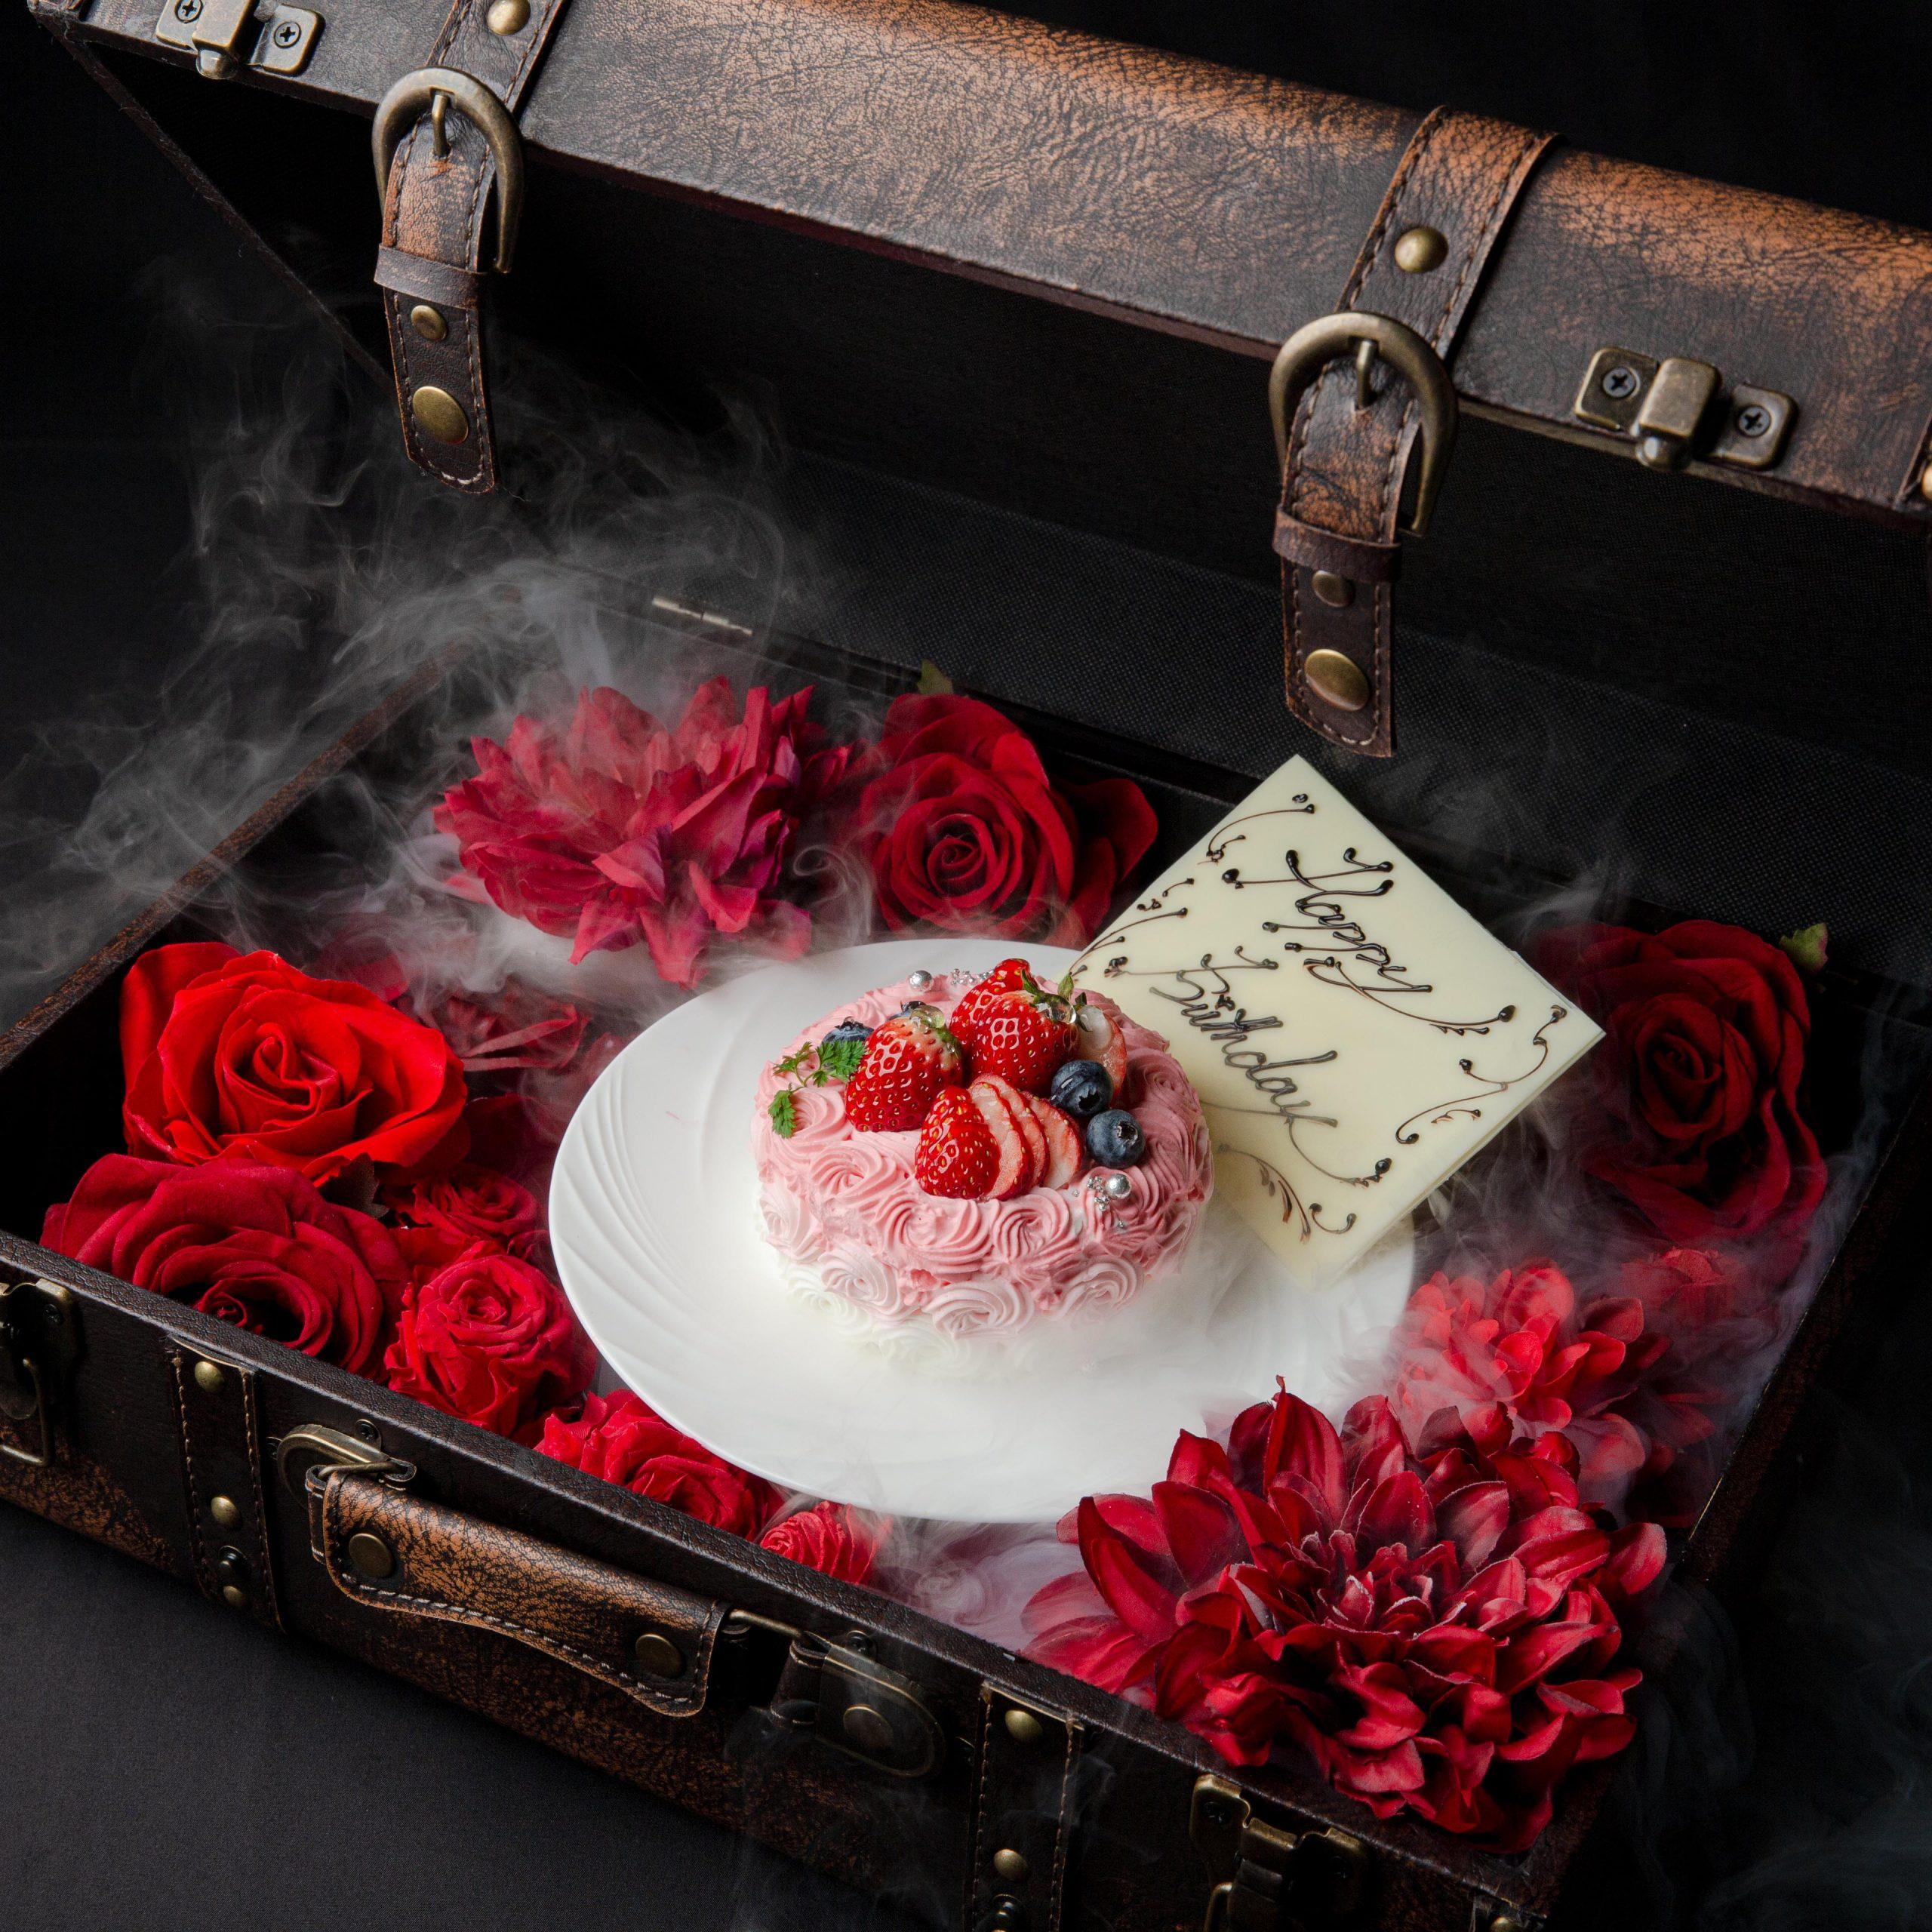 お祝い利用の一番人気コース♪<p>Amore ~アモーレ~</p>